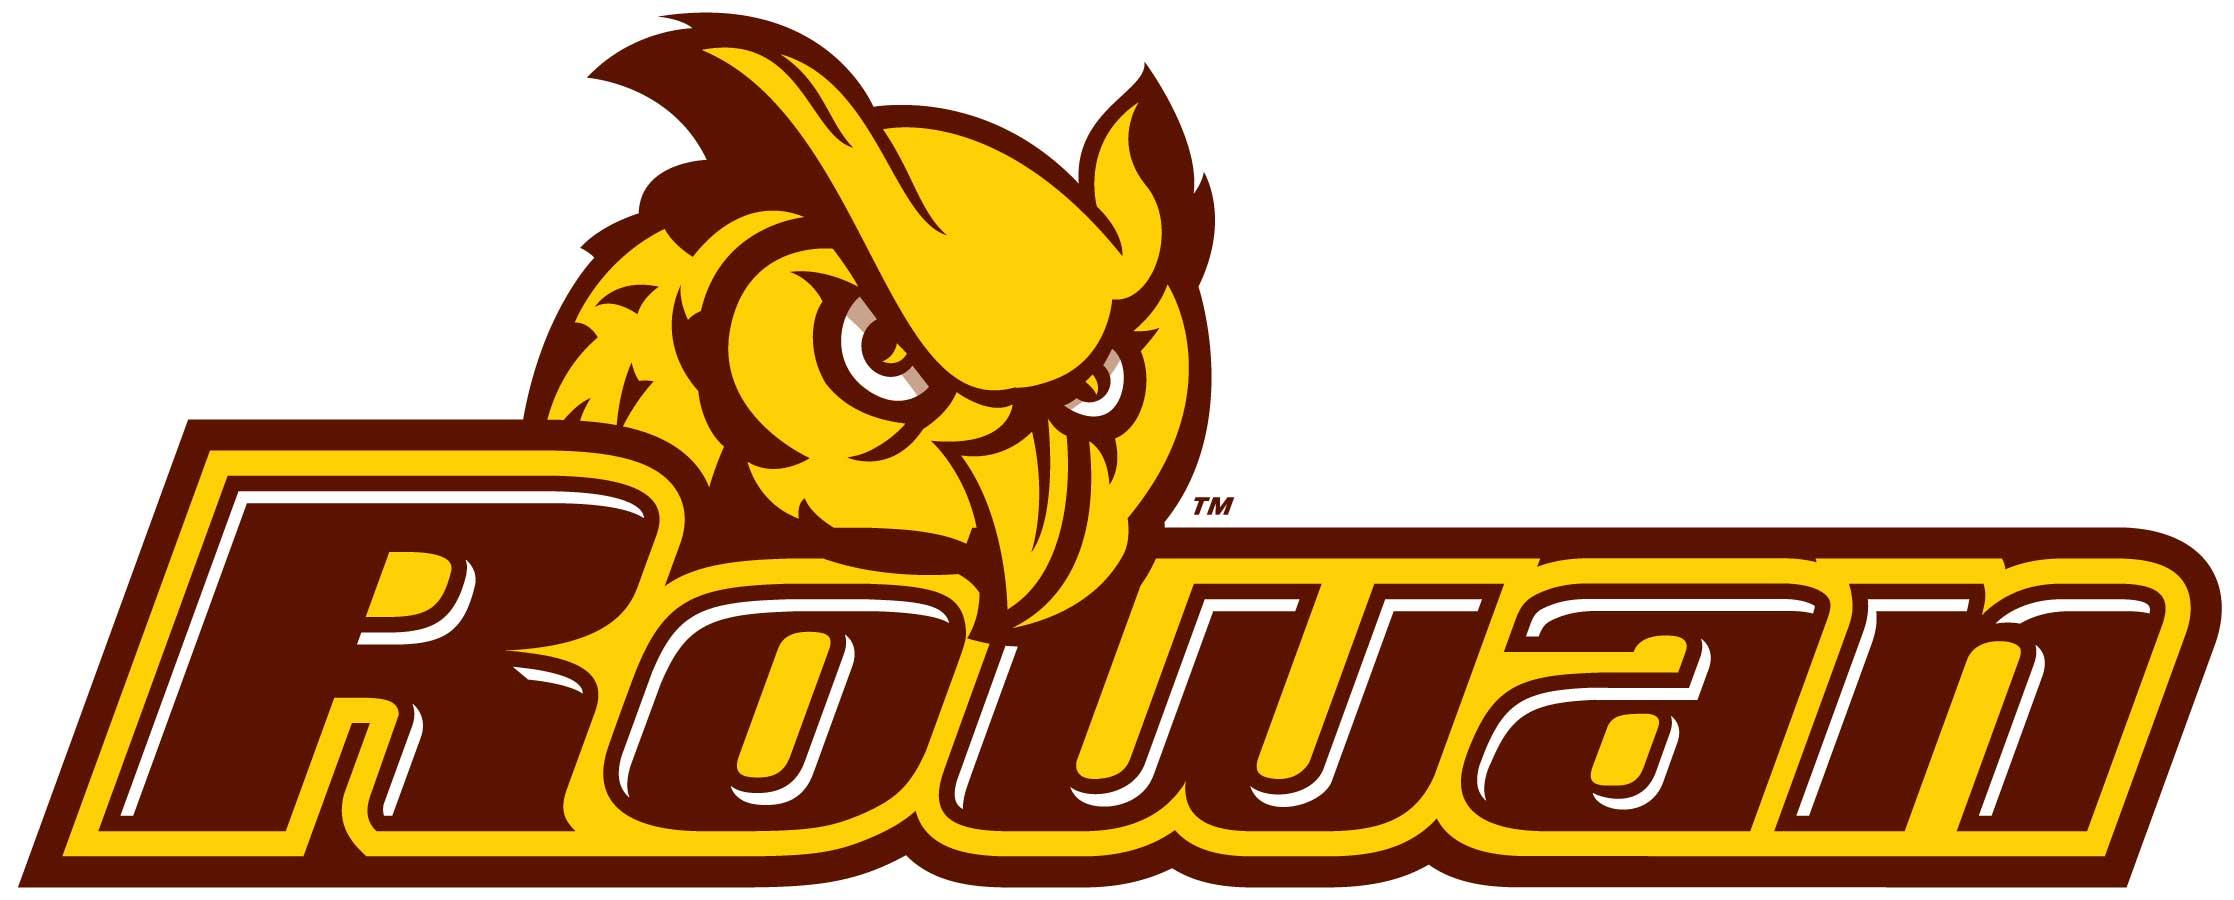 Rowan university Logos.